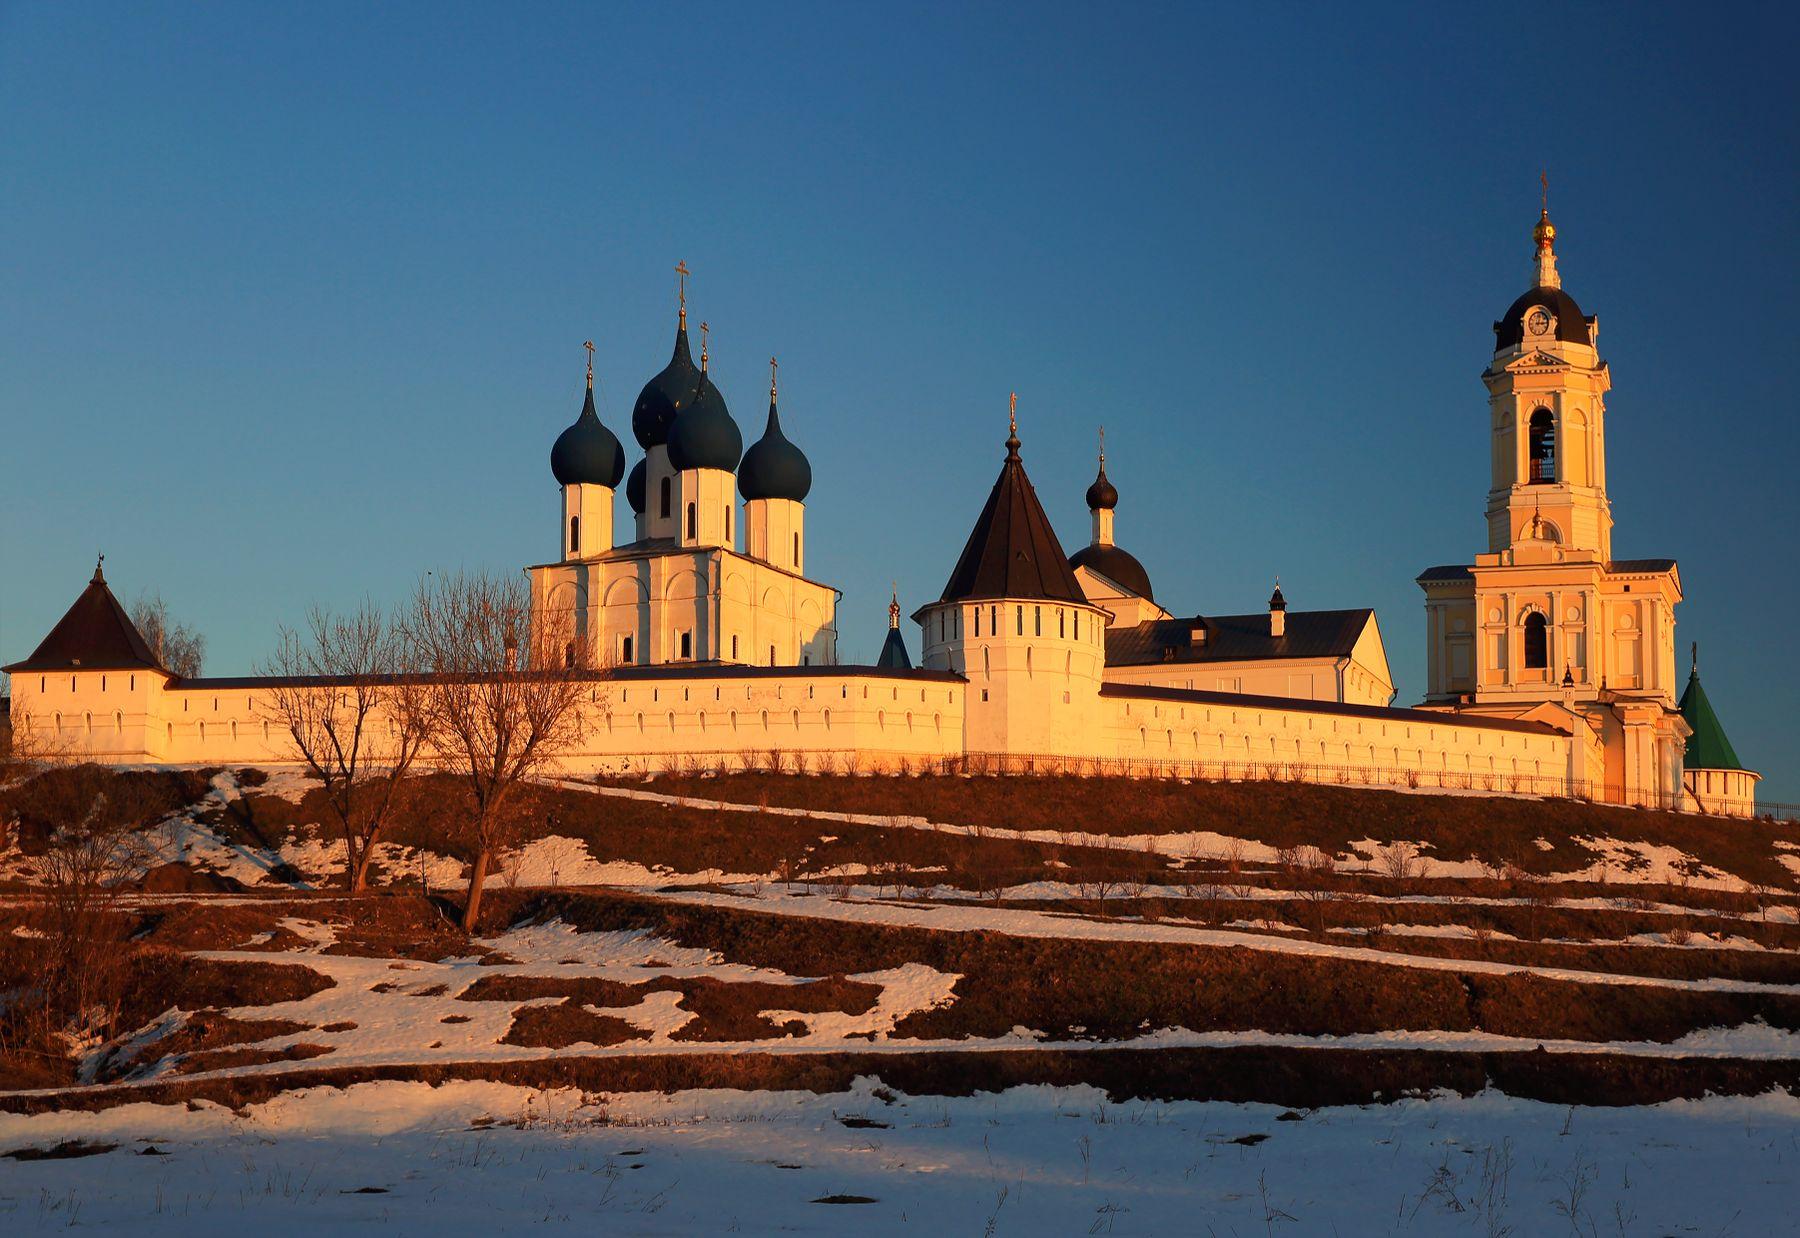 Высоцкий монастырь в Серпухове Серпухов Высоцкий монастырь